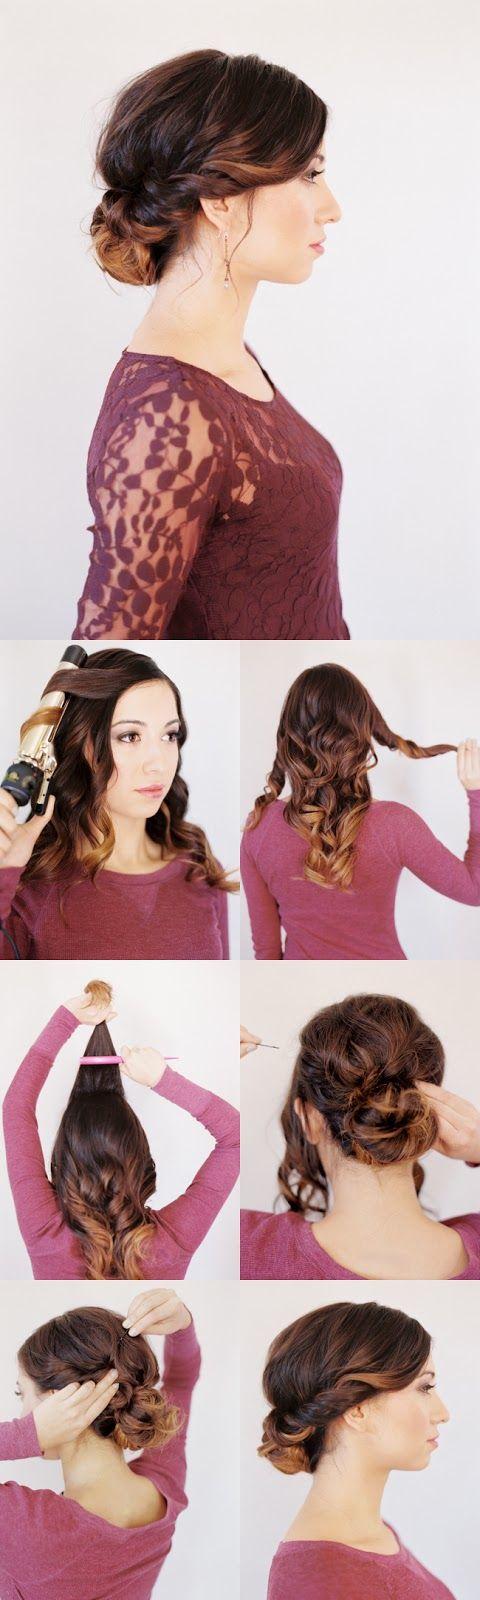 Причёска на средние волосы своими руками 21